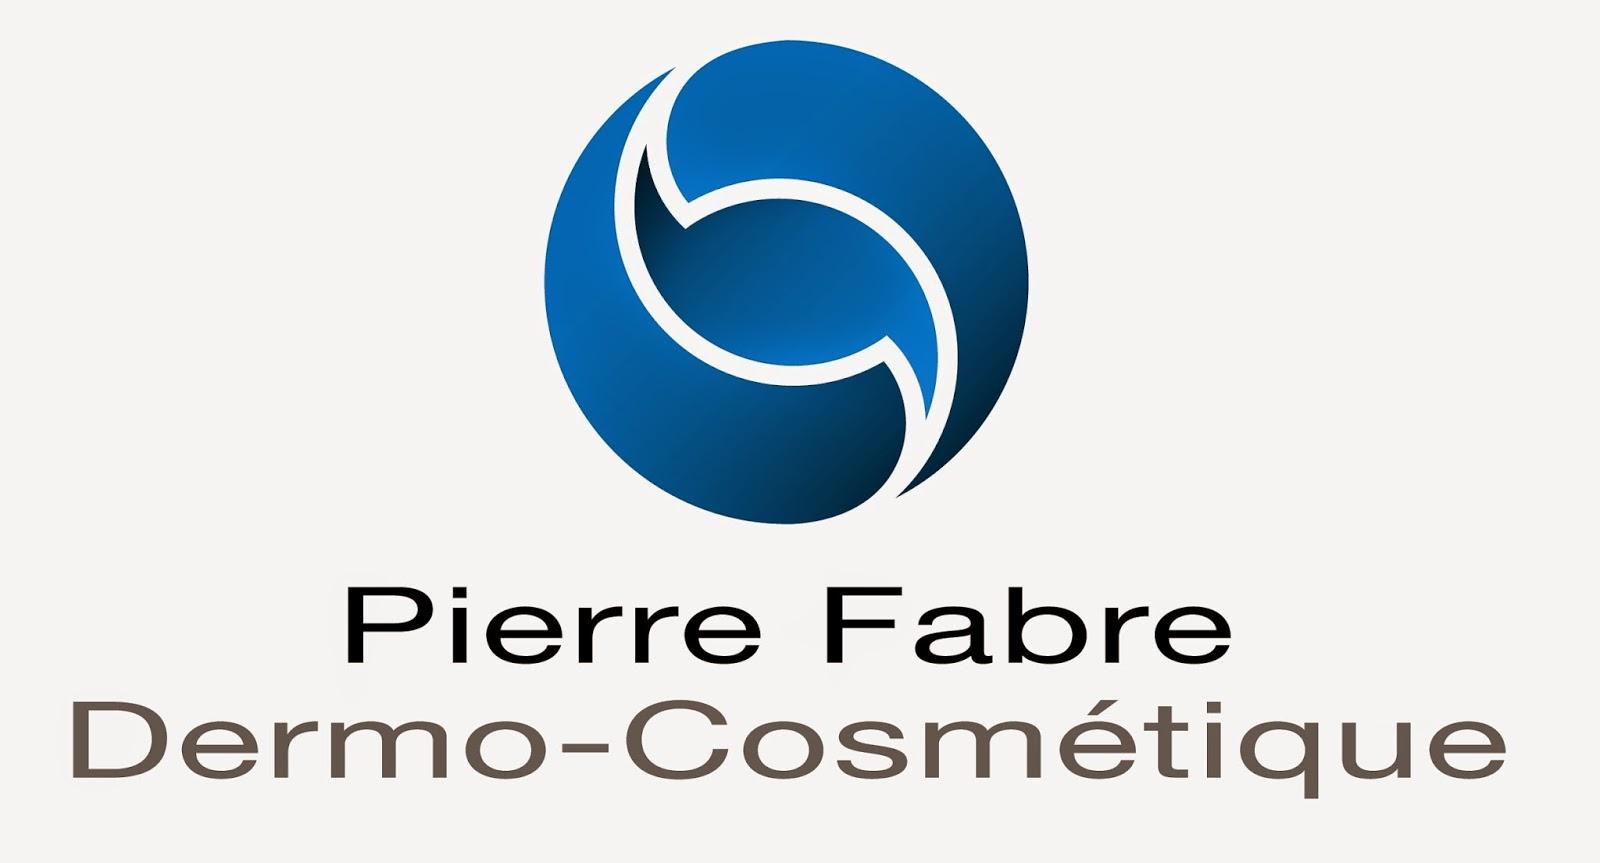 http://www.pierre-fabre.com/fr